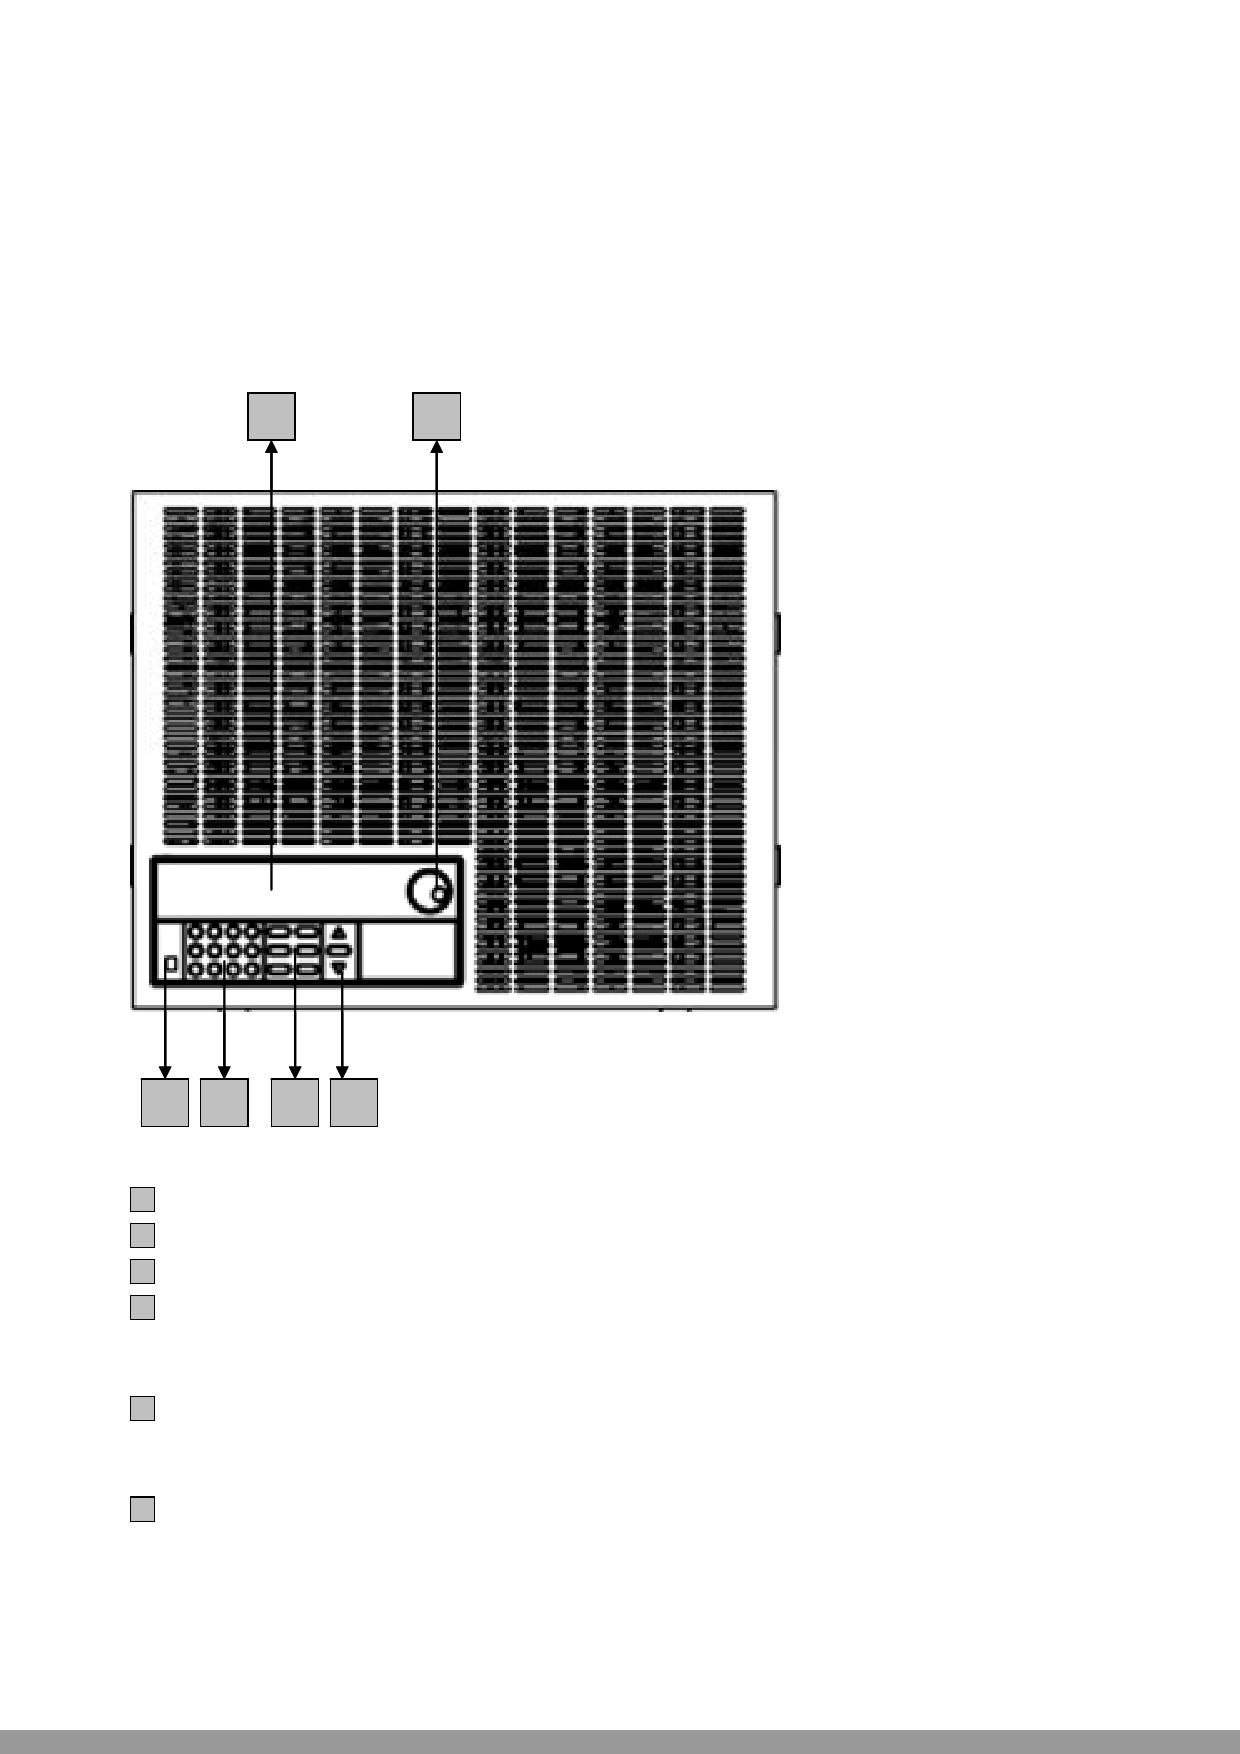 IT8518B 전자부품, 판매, 대치품